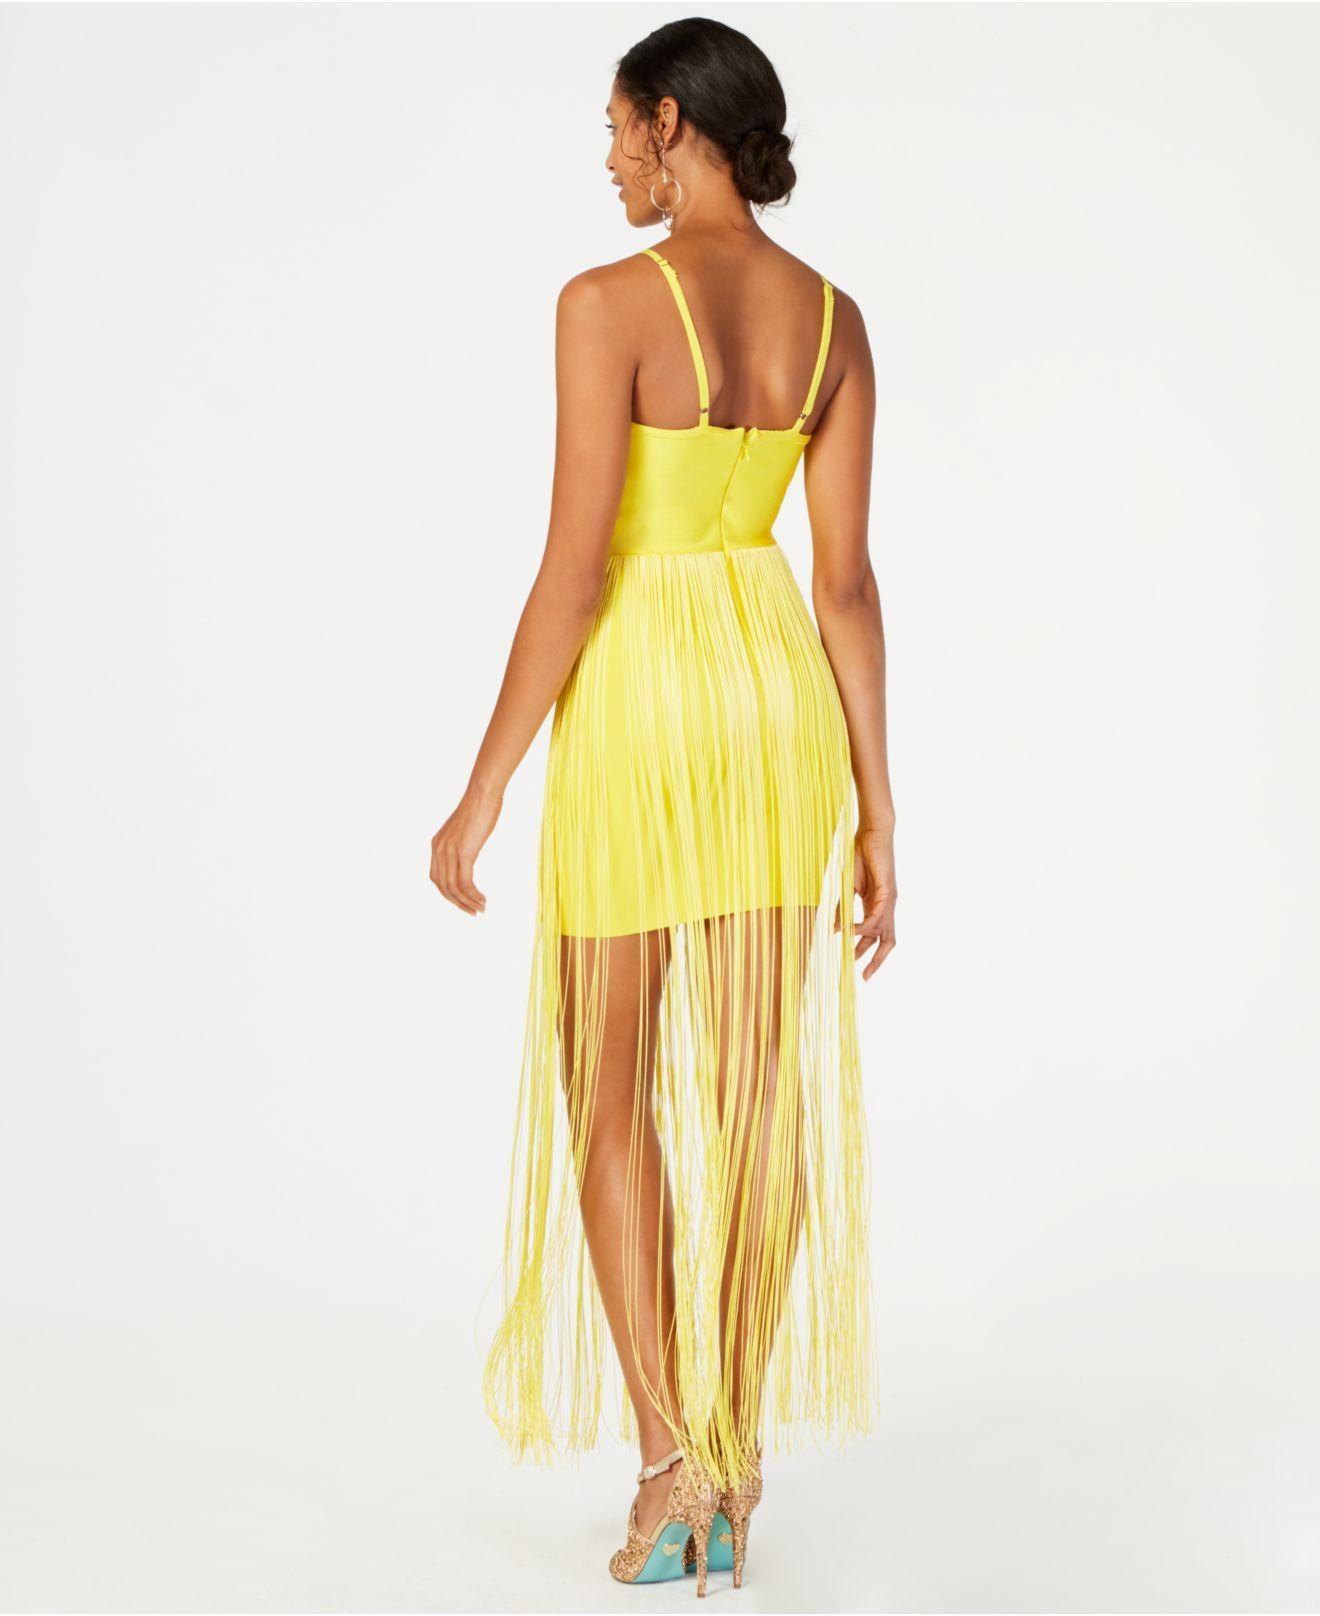 e3a0473ef47 Marciano Fringe Bandage Dress